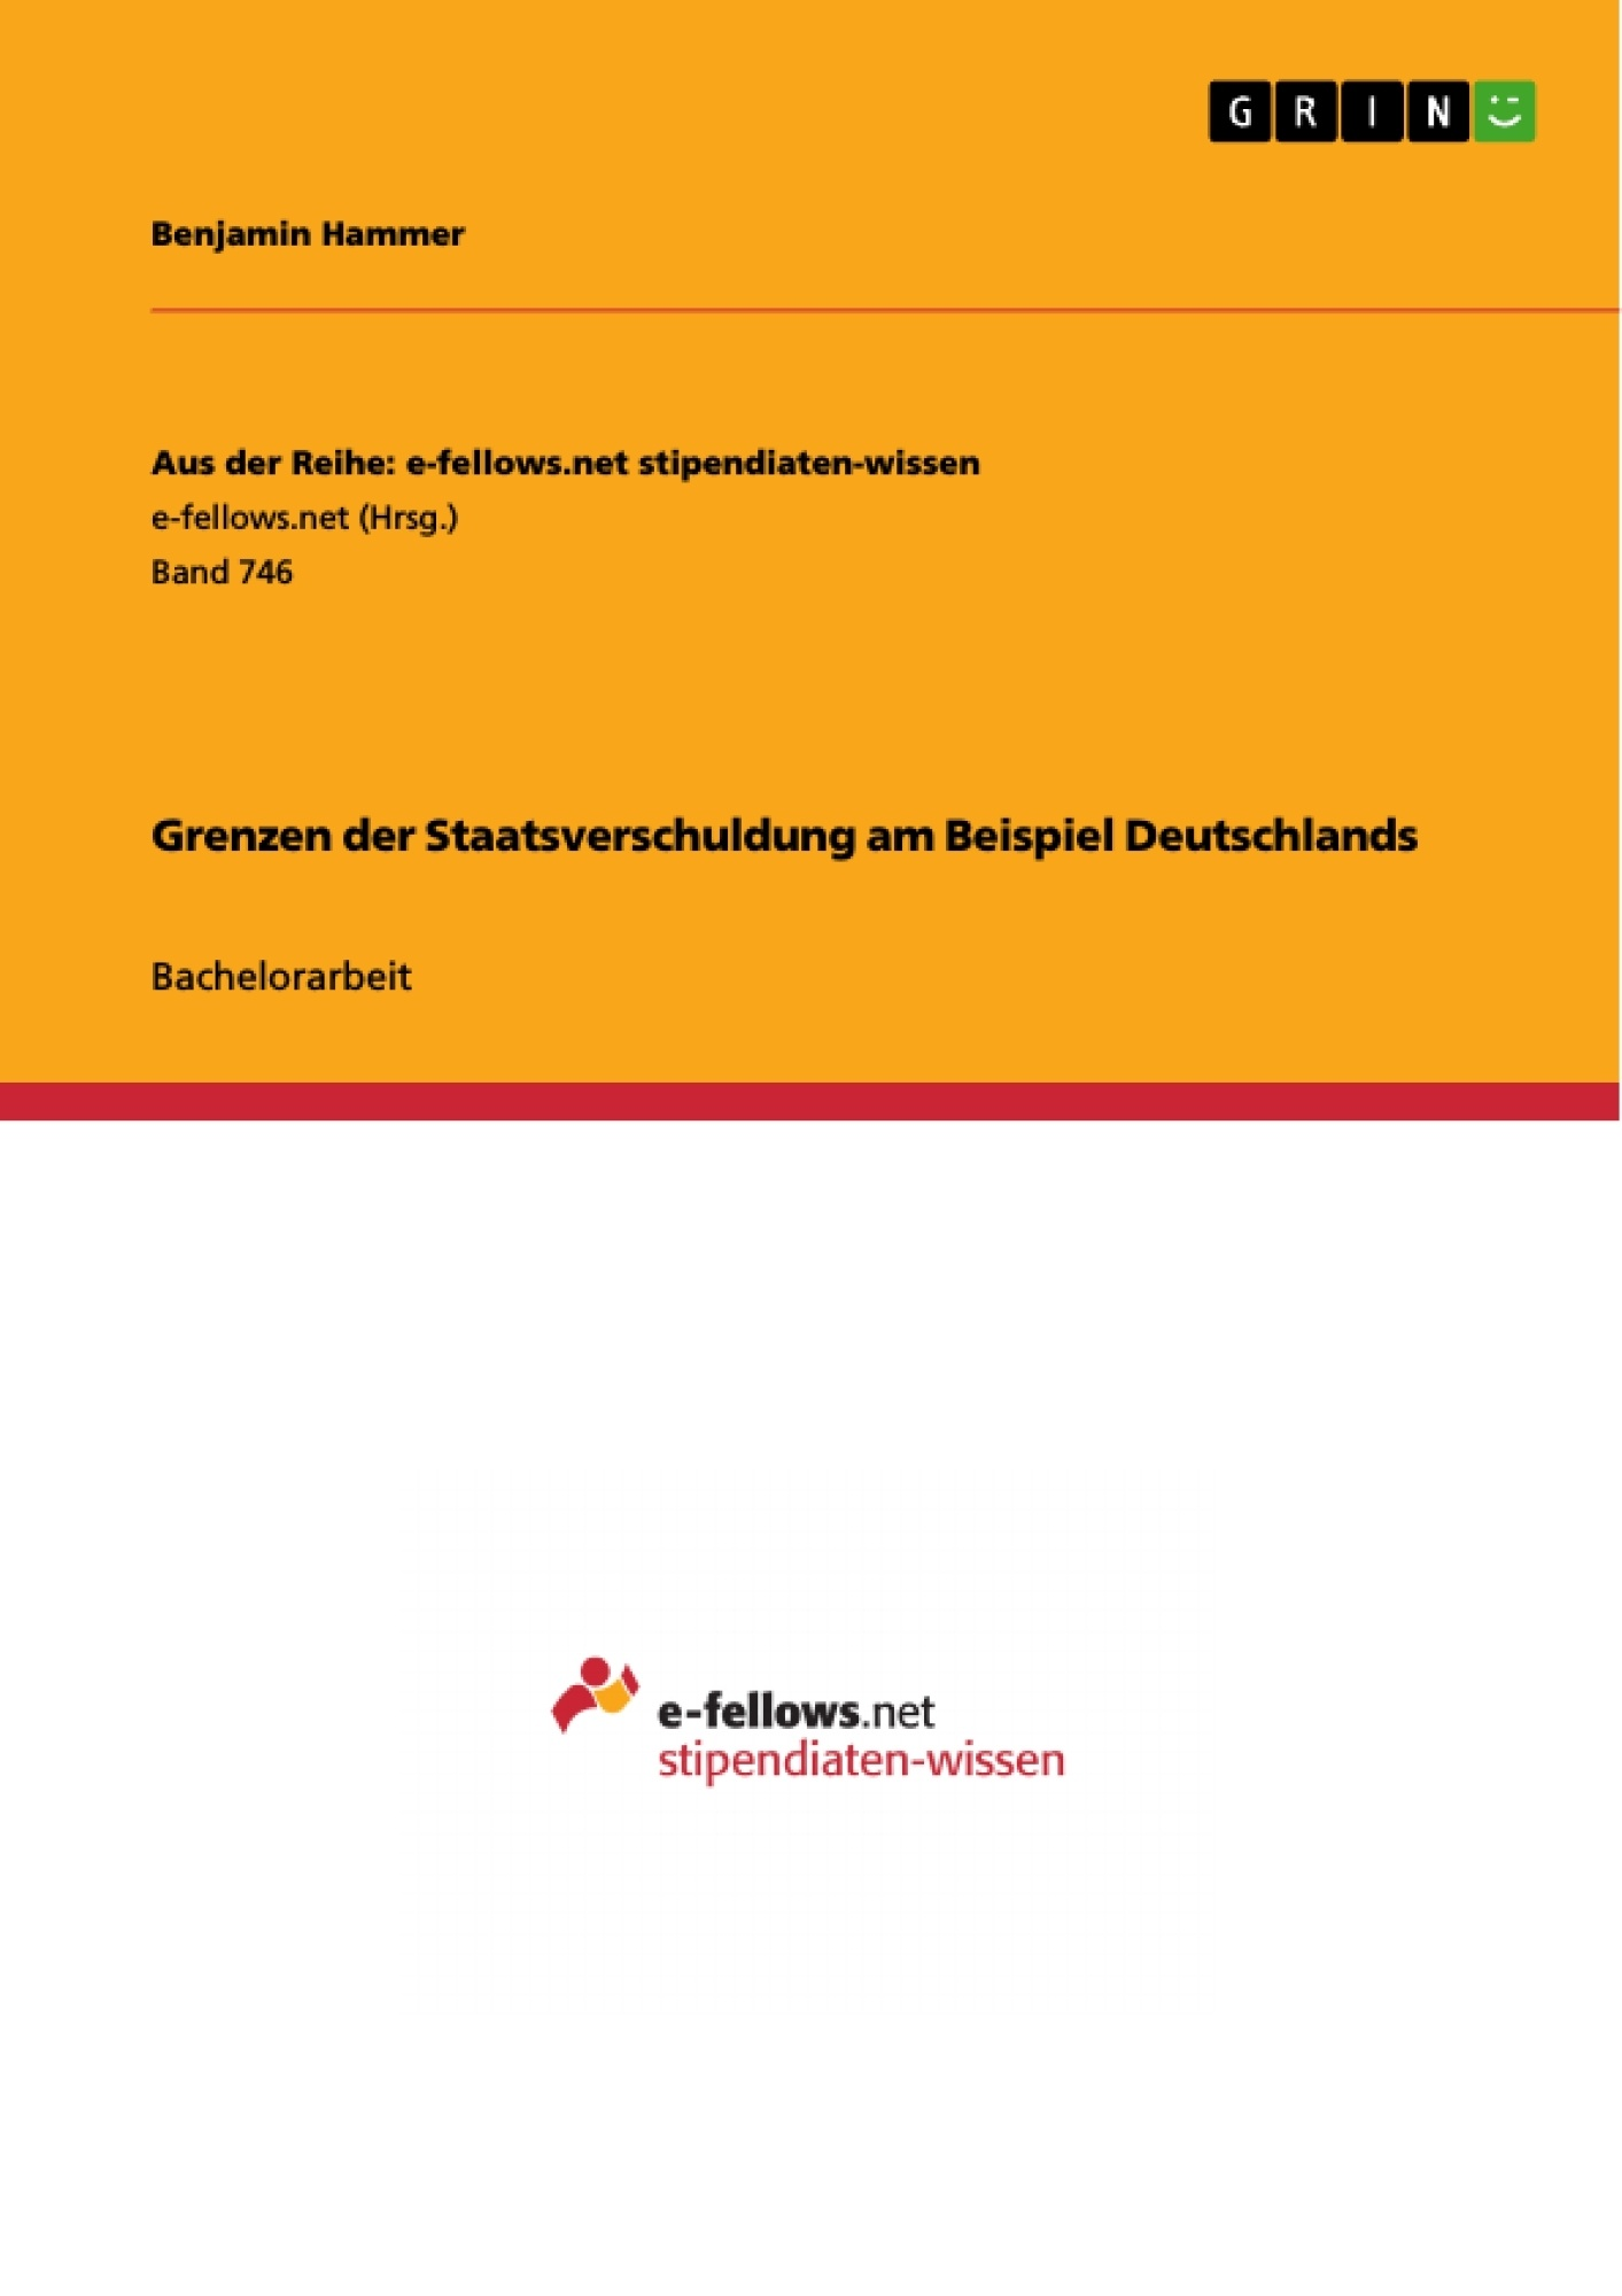 Titel: Grenzen der Staatsverschuldung am Beispiel Deutschlands